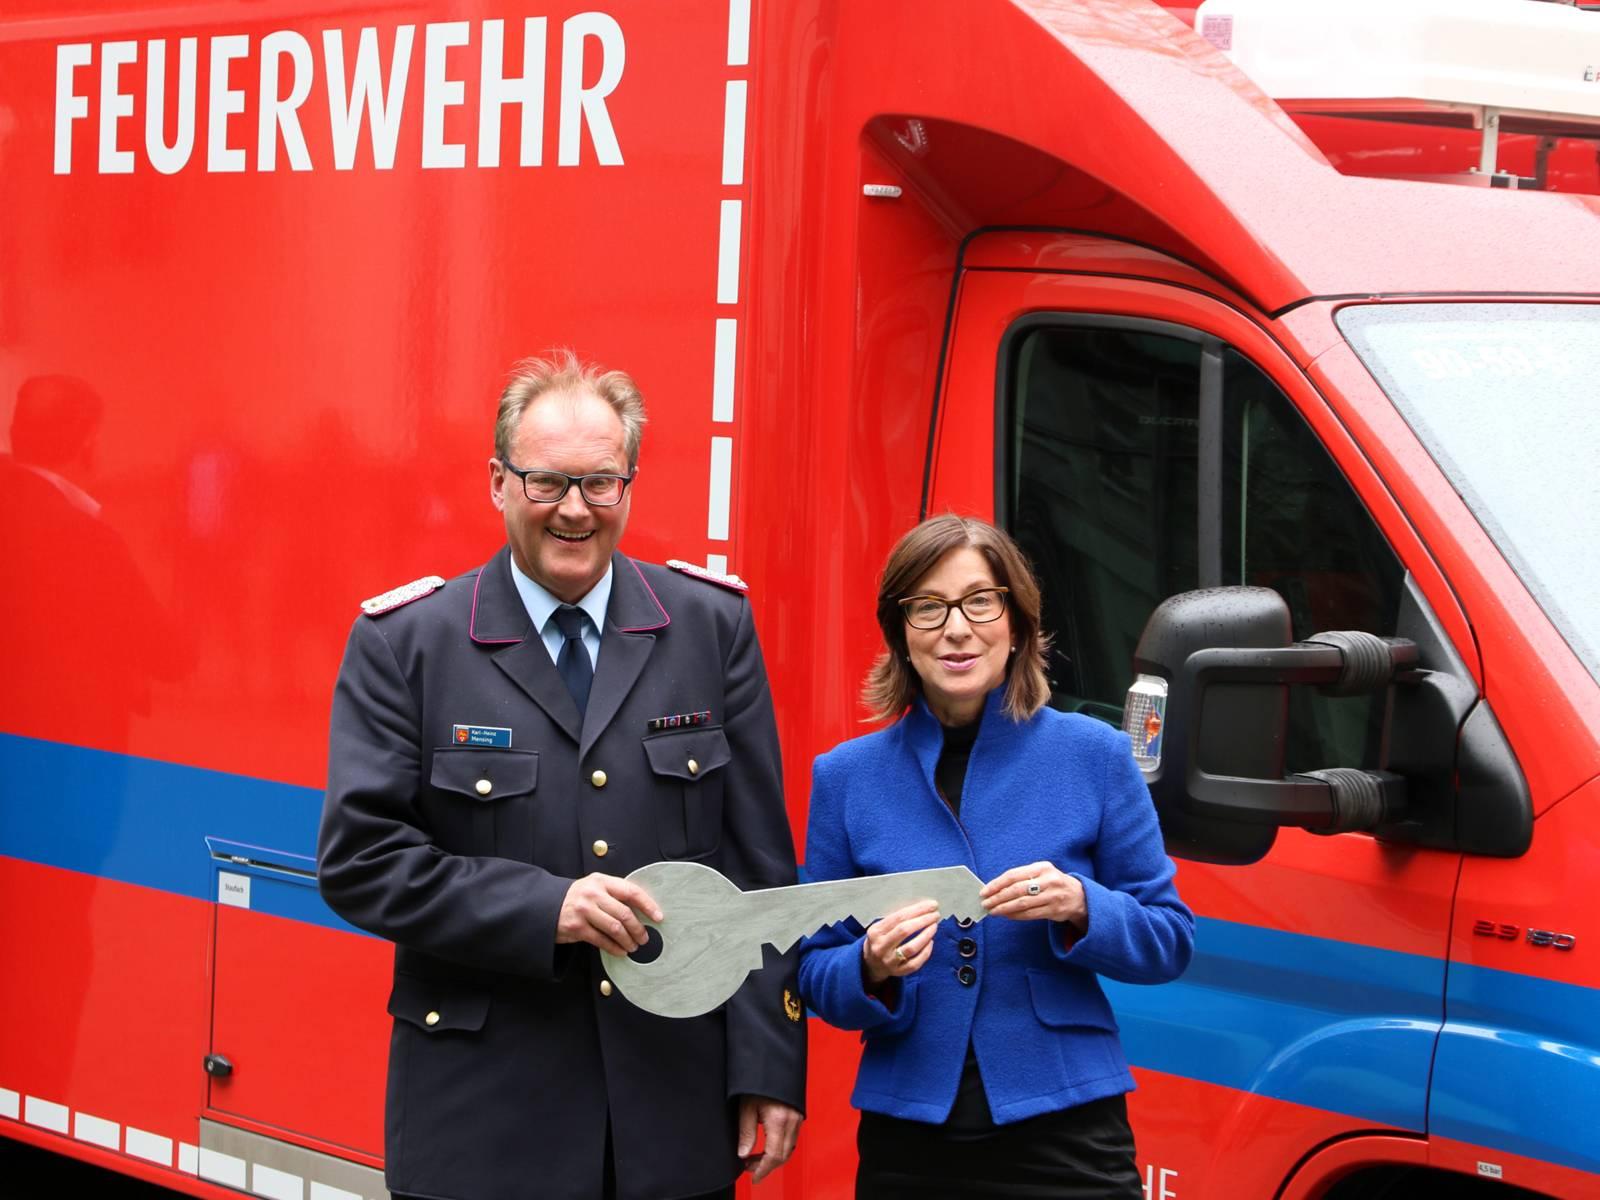 Eine Frau und ein Mann mit einem Schlüssel aus Pappe vor einem Feuerwehrauto.